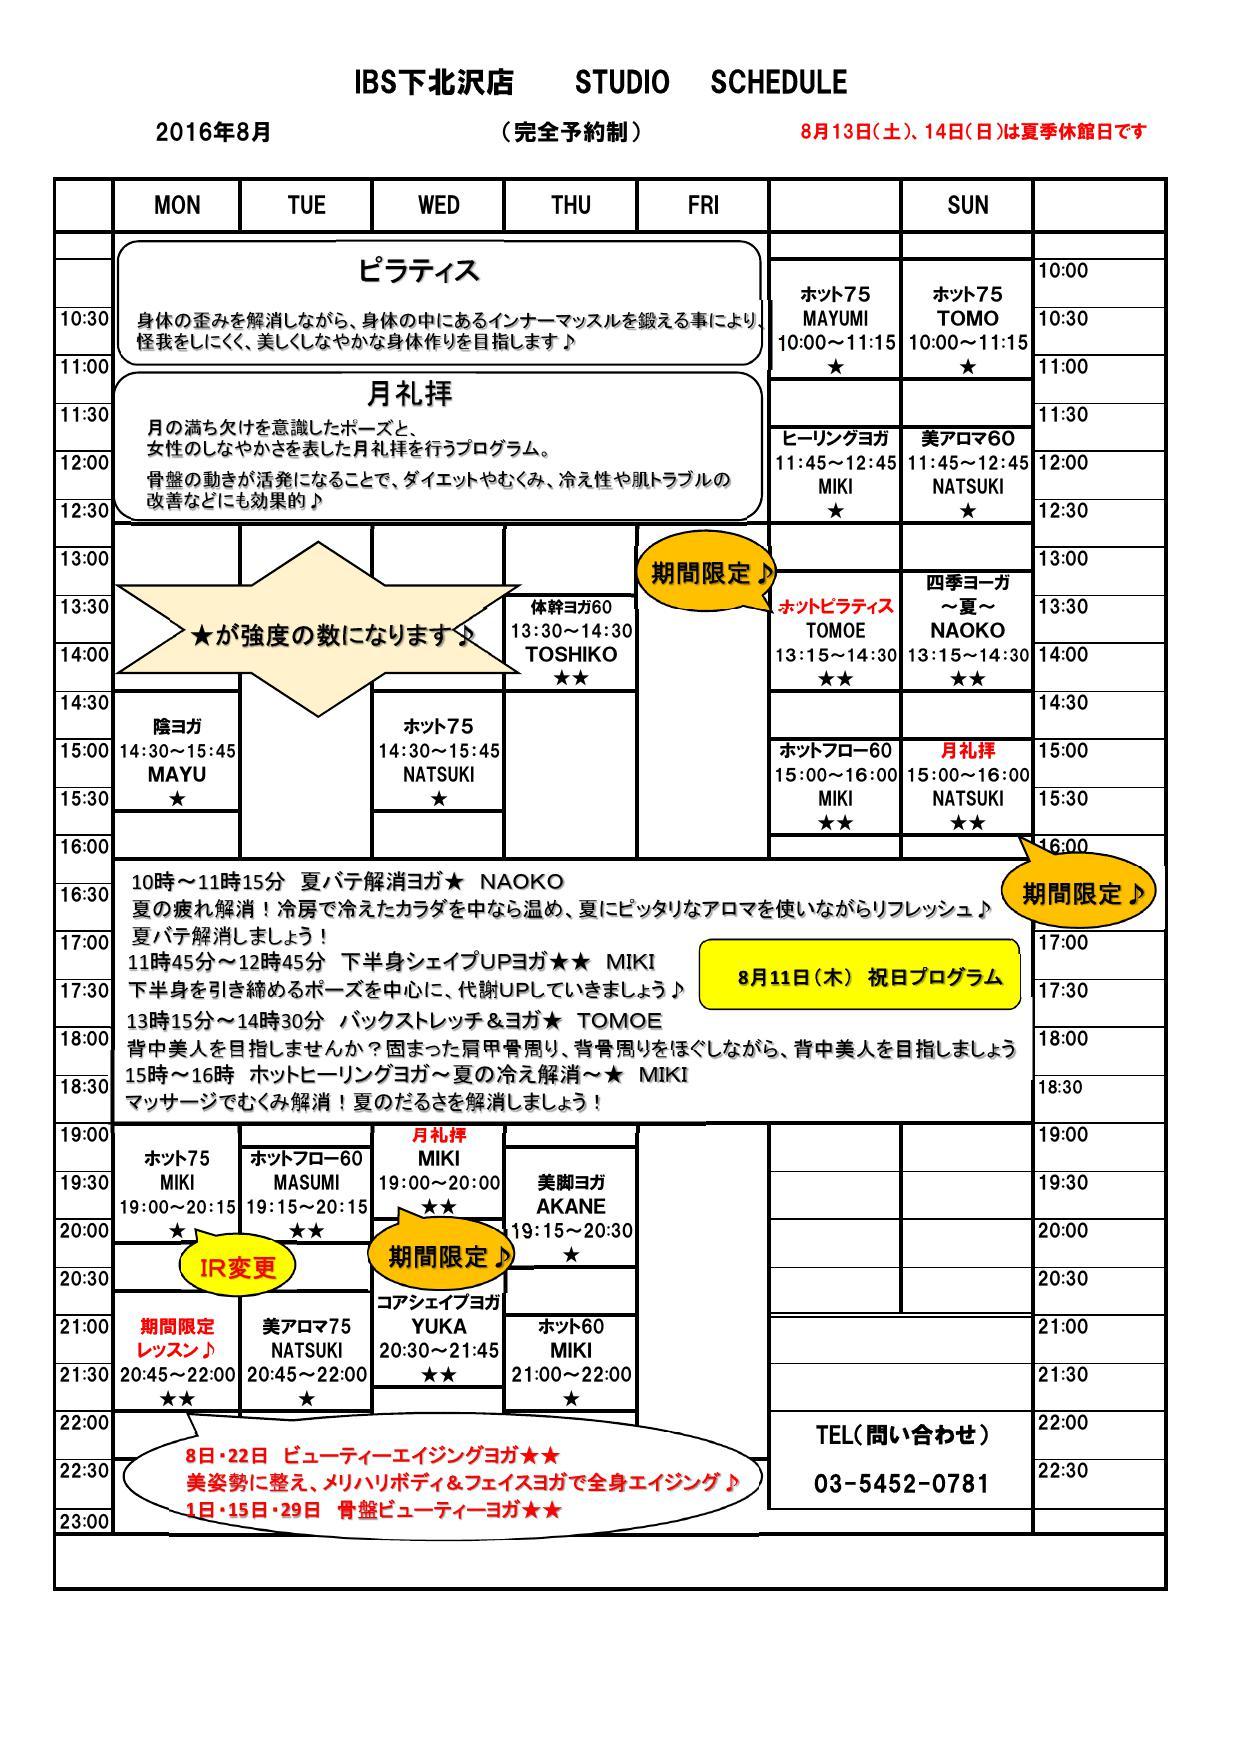 下北沢最新スケジュール -_000001